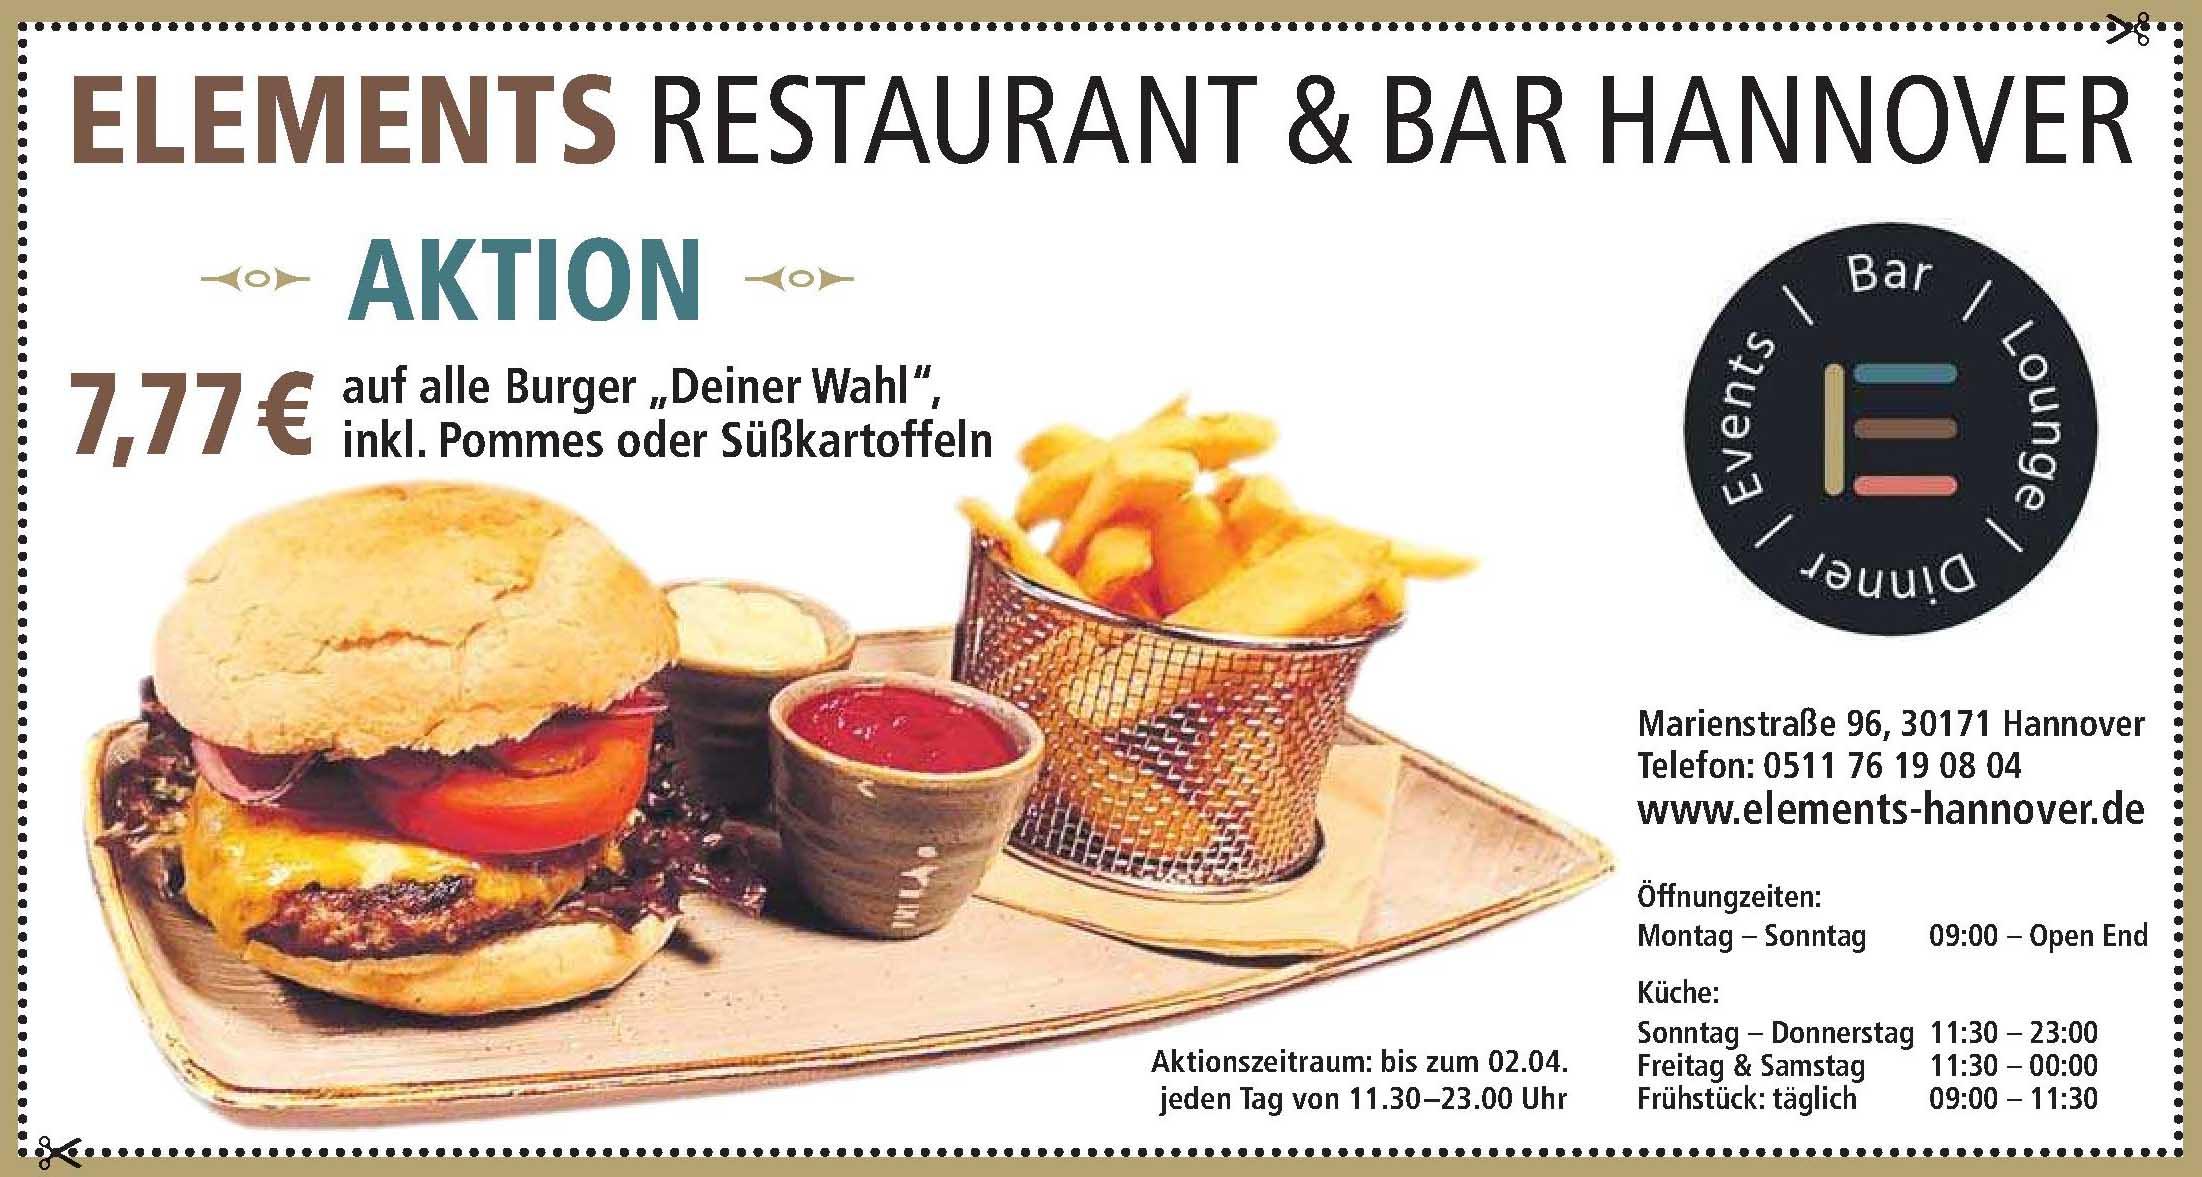 Elements Restaurant & Bar Hannover